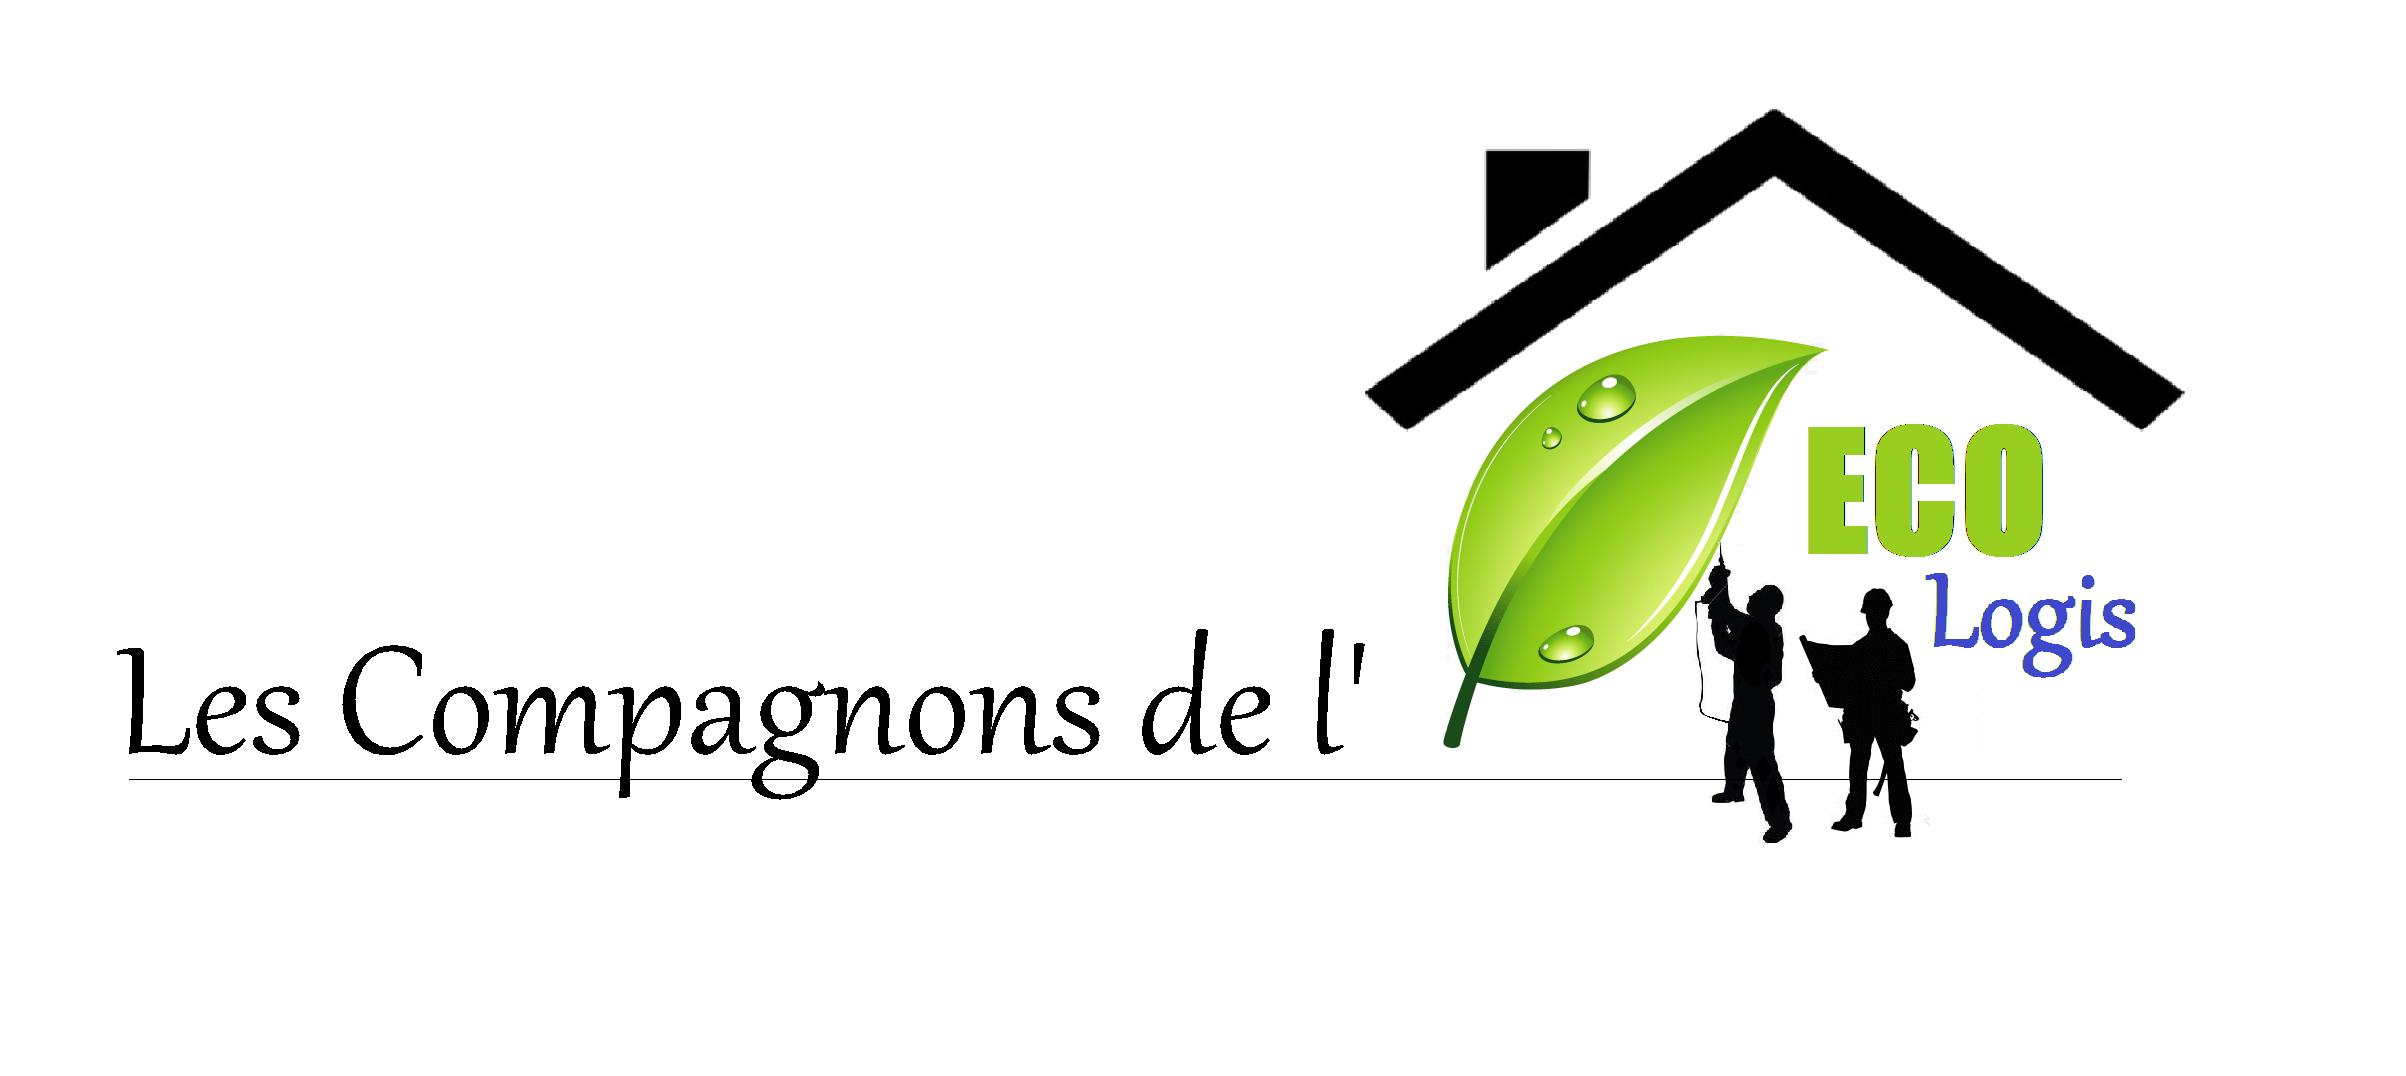 Logo de Les Compagnons de l'Eco-Logis, société de travaux en Isolation thermique des façades / murs extérieurs